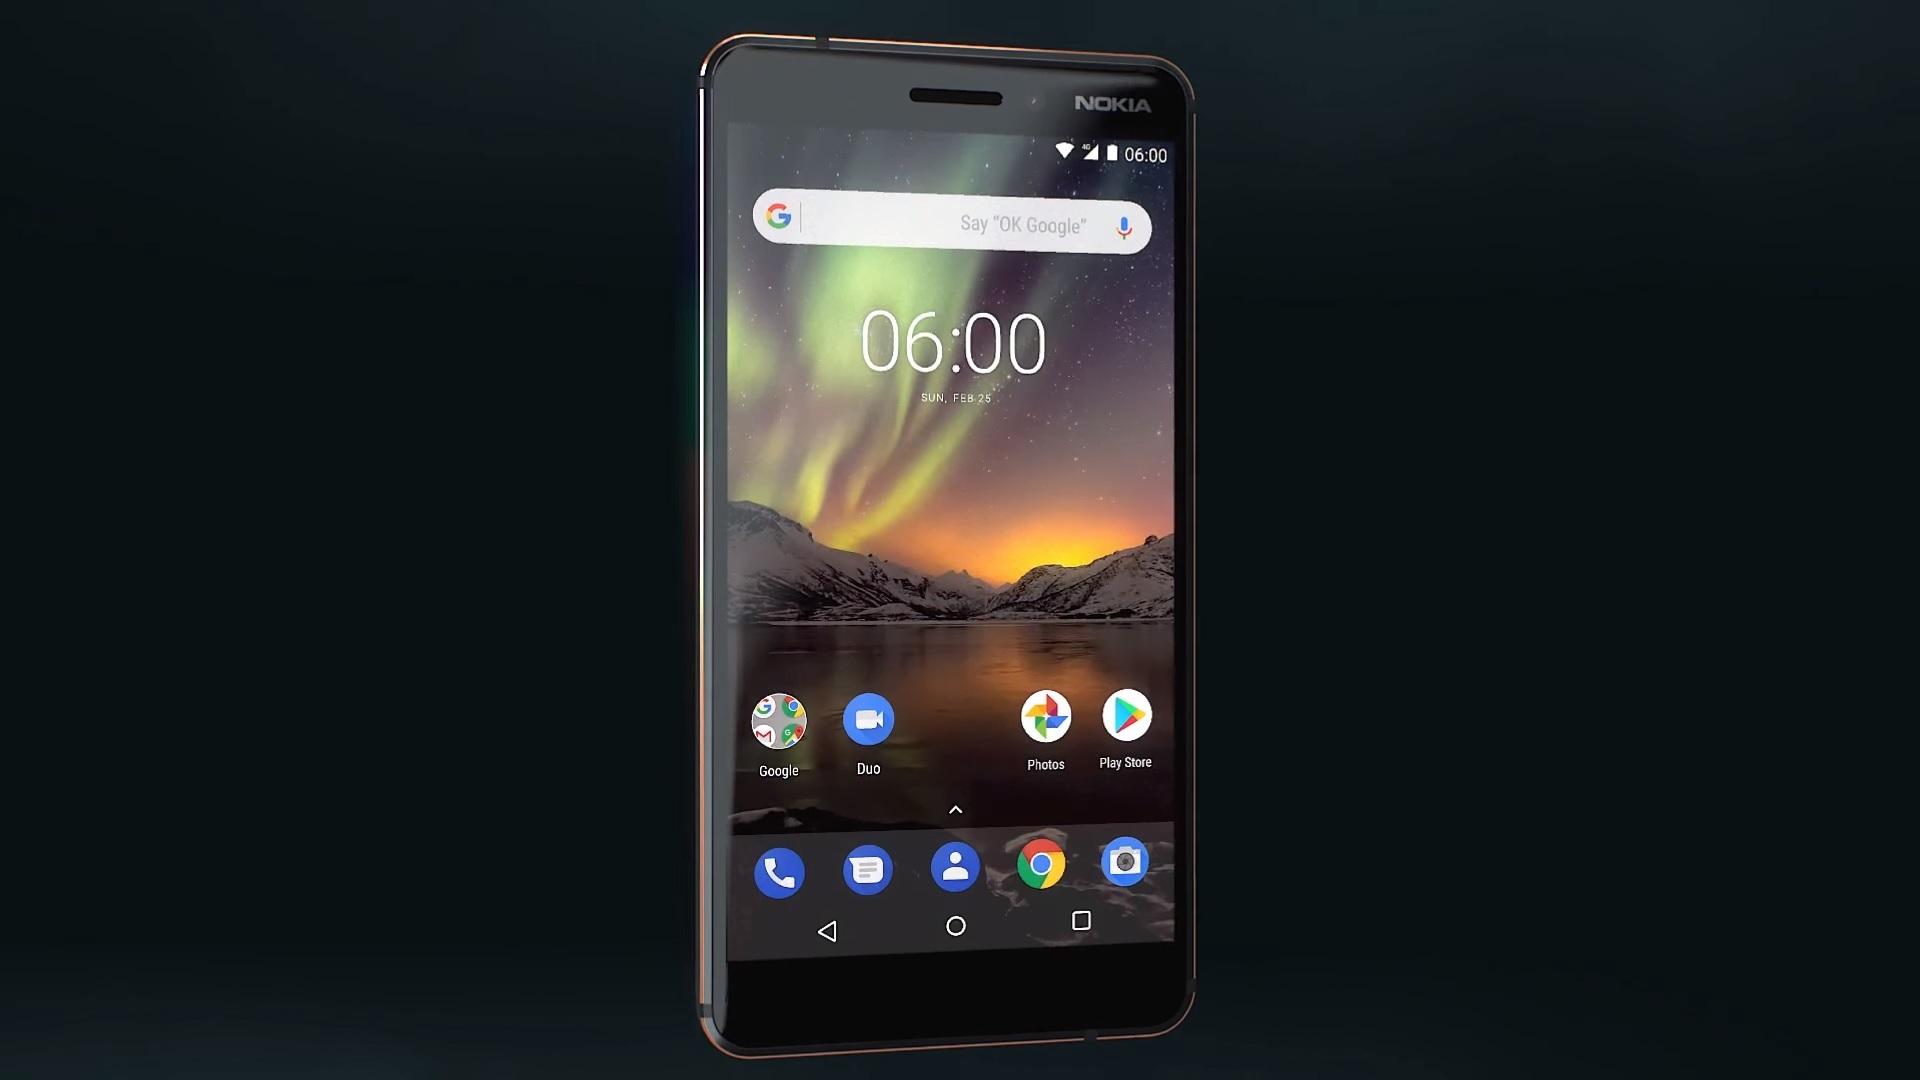 Nokia 6 mwc